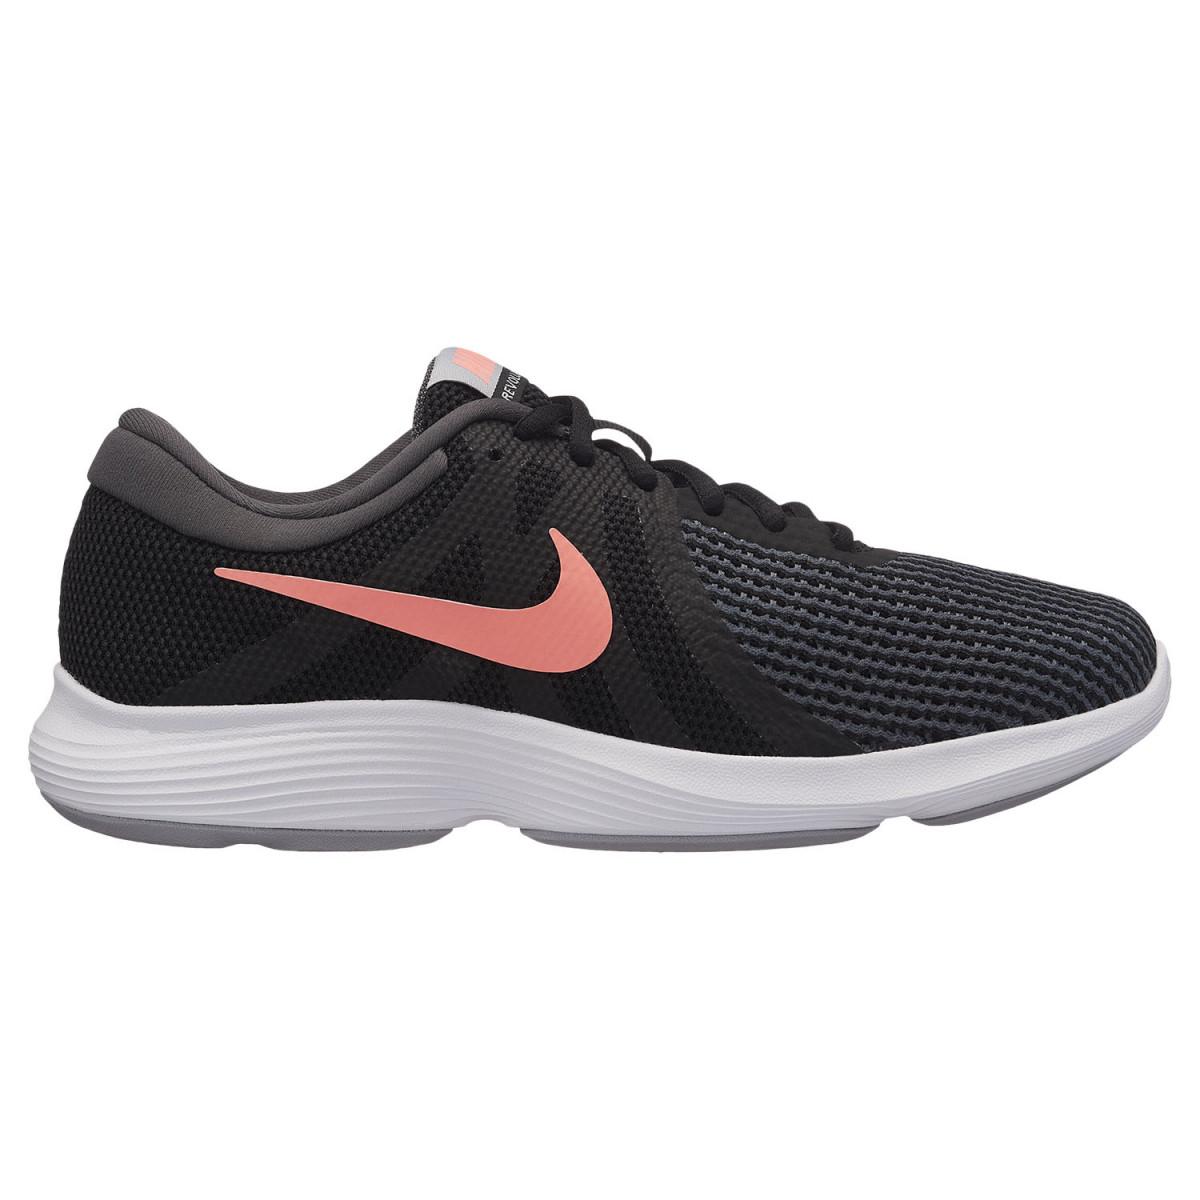 cheap for discount 25d5e e7c8c Zapatillas Nike Revolution 4